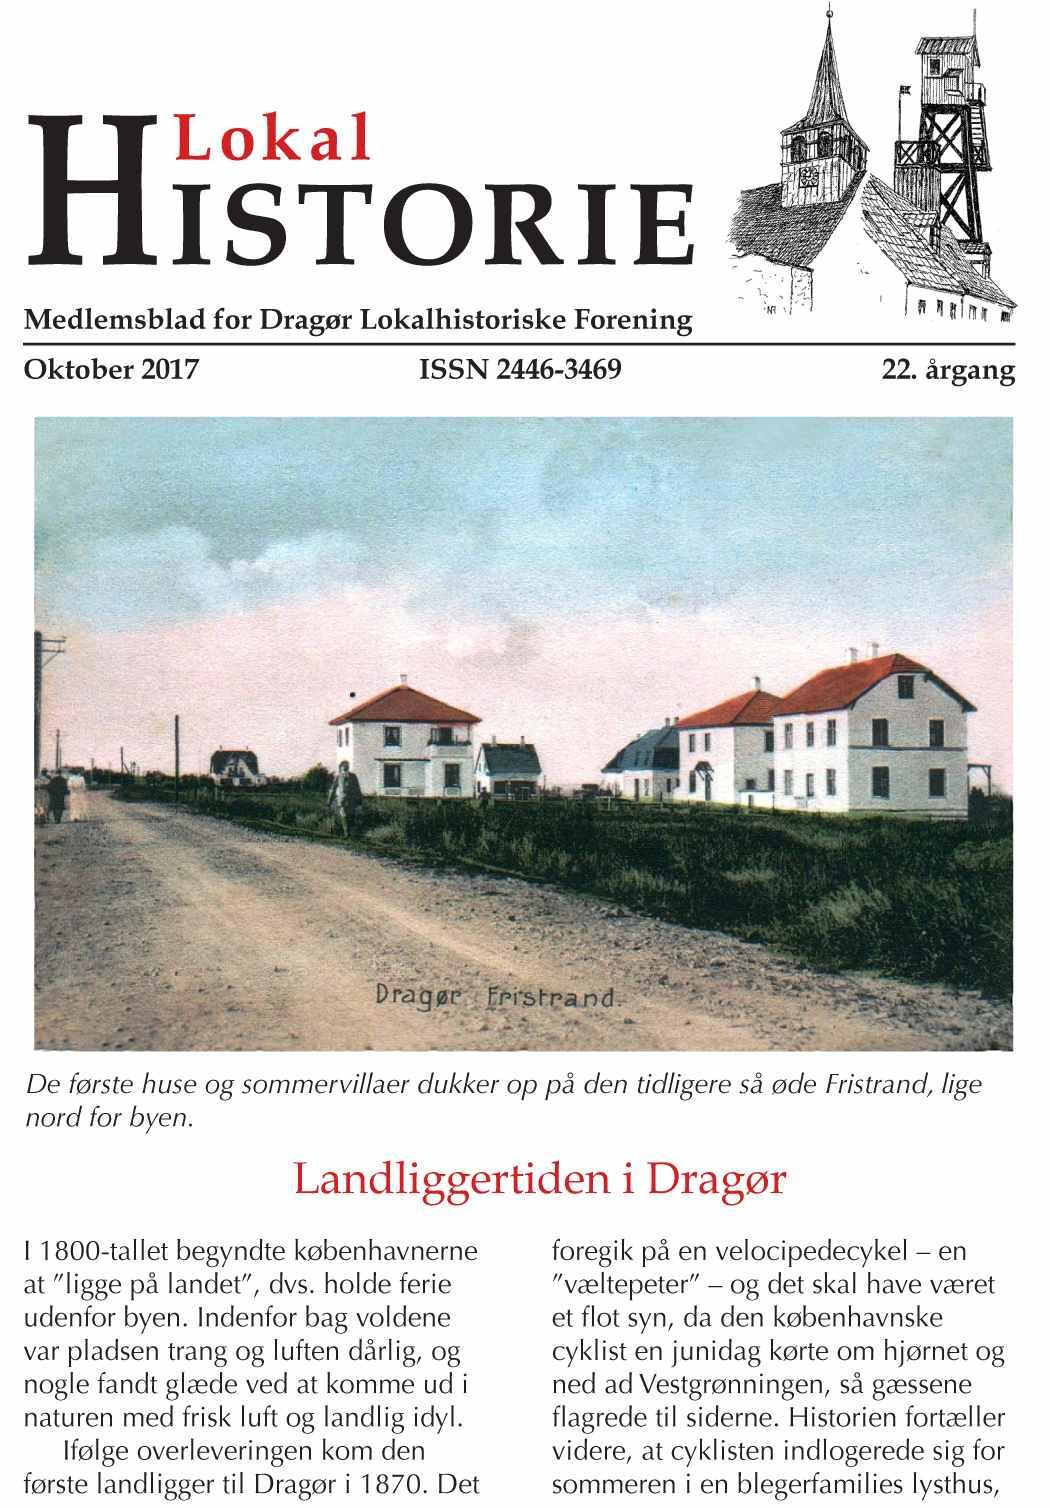 Dragør Lokalhistoriske Forening